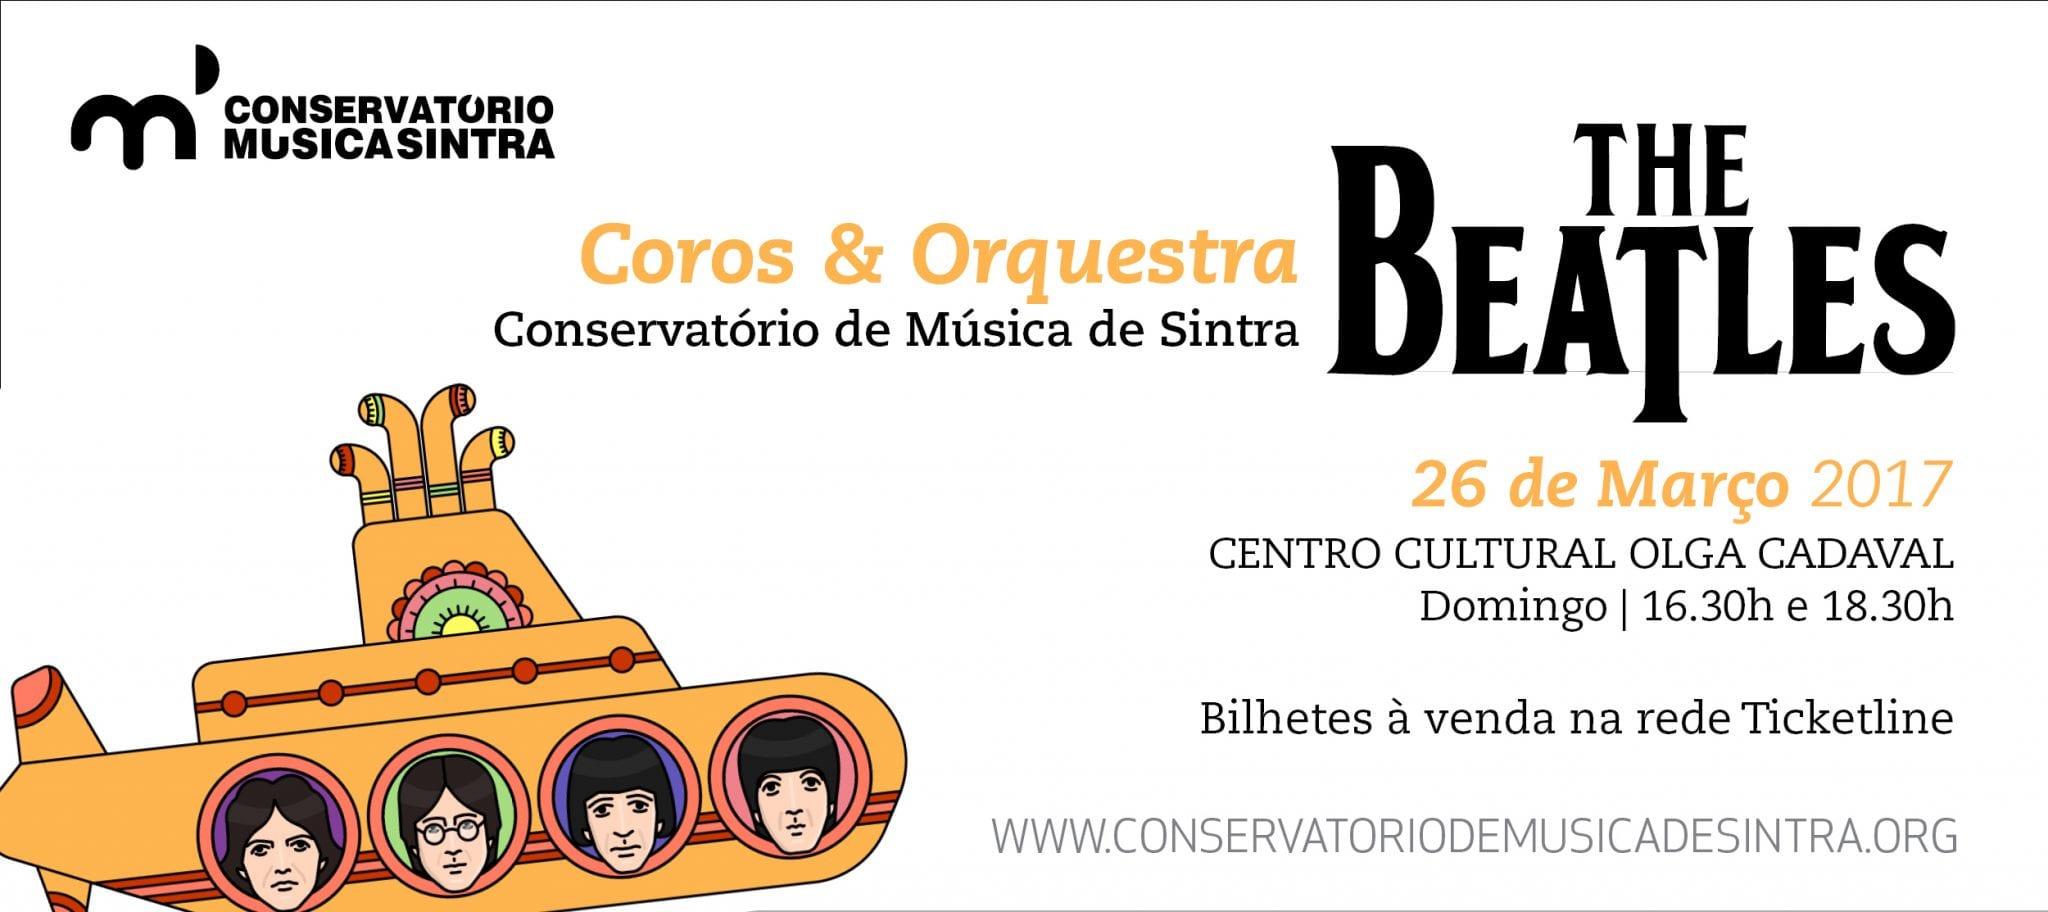 Concerto The Beatles pelo Coro e Orquestra do Conservatório de Sintra no Centro Cultural Olga Cadaval